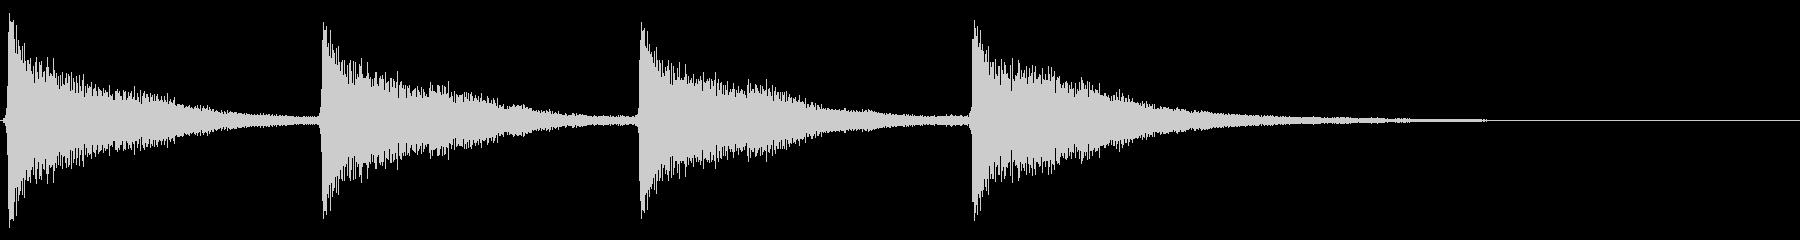 時計搭/時報/鐘/ゴーン/連続音の未再生の波形